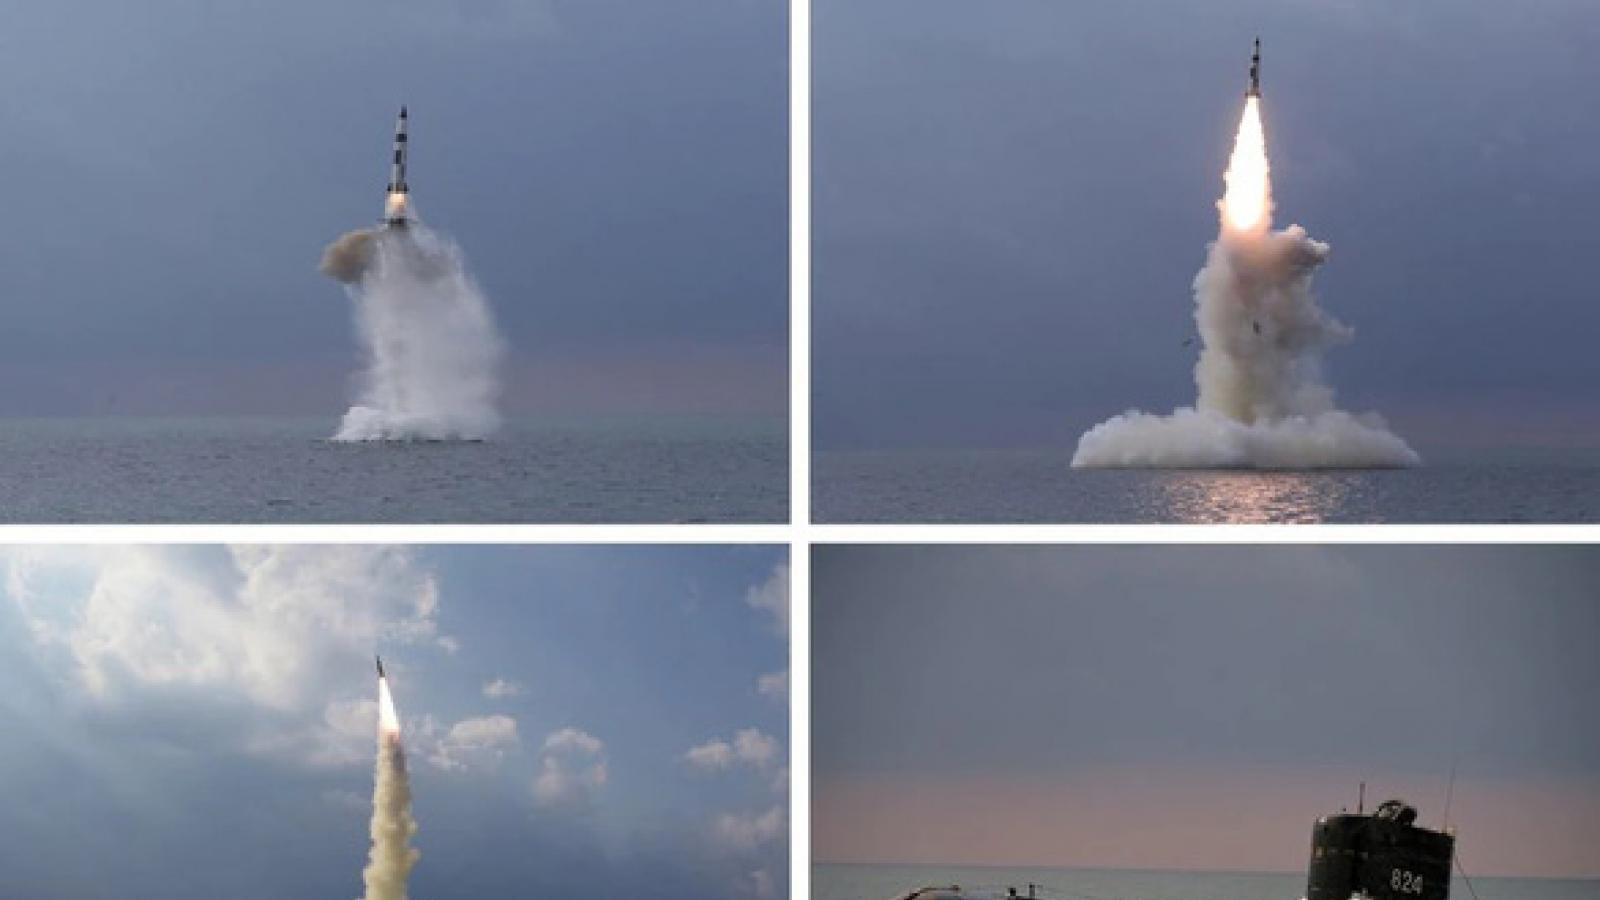 Triều Tiên phóng tên lửa, quan chức Hàn Quốc nêu việc cần phải làm ngay